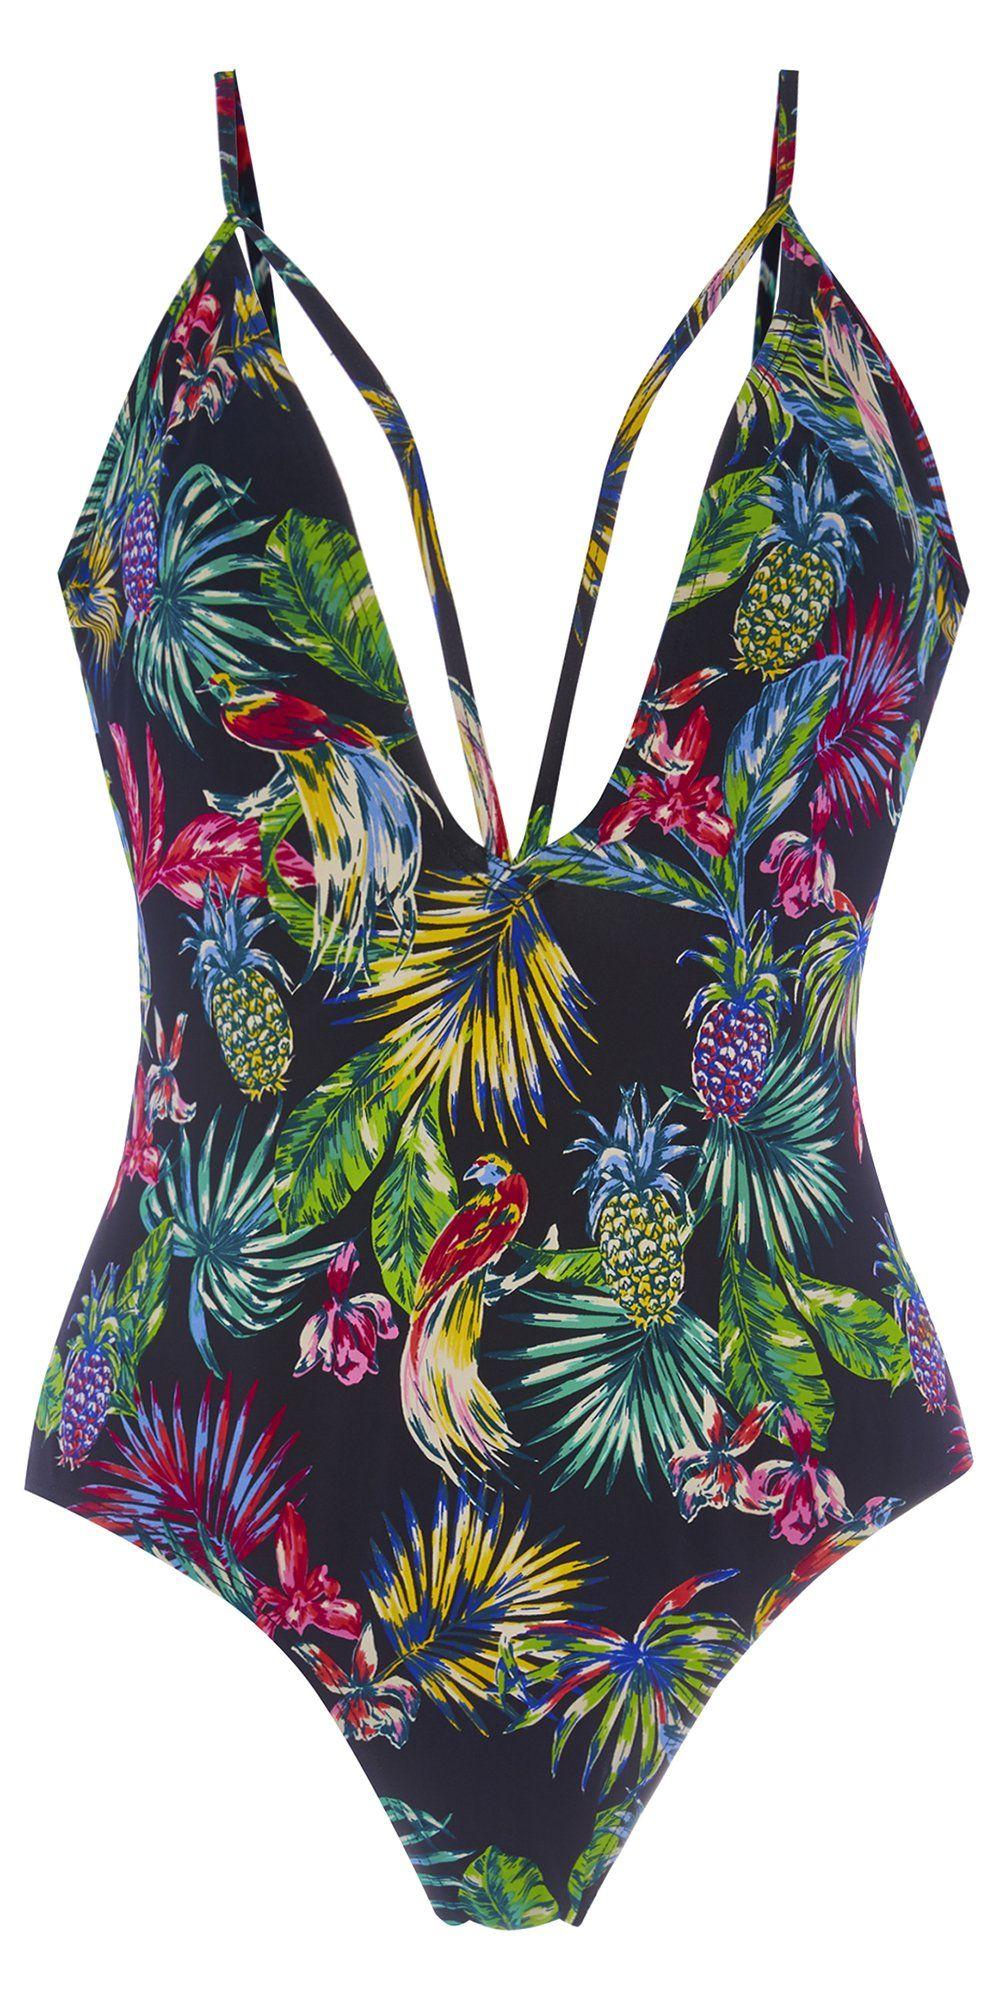 b18c733b1c 45 maillots de bain une pièce à adopter cet été | beach | Maillot de ...